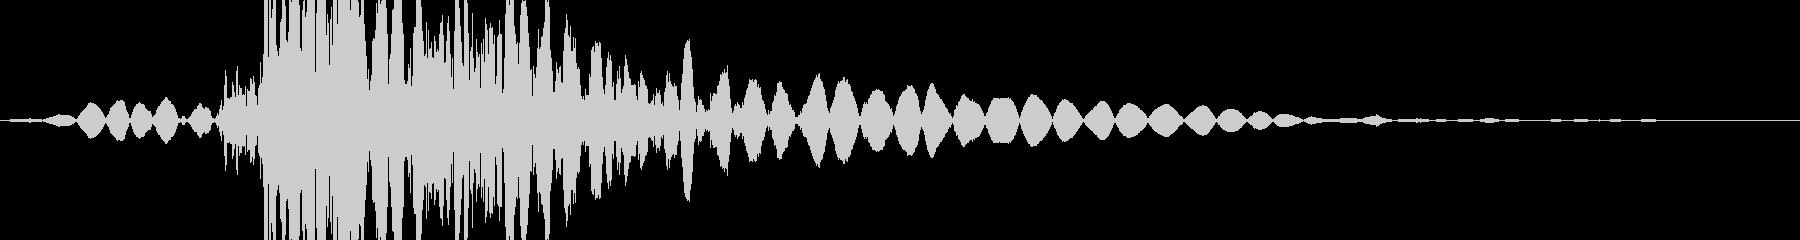 シューッという音。ヒューと低重音で...の未再生の波形